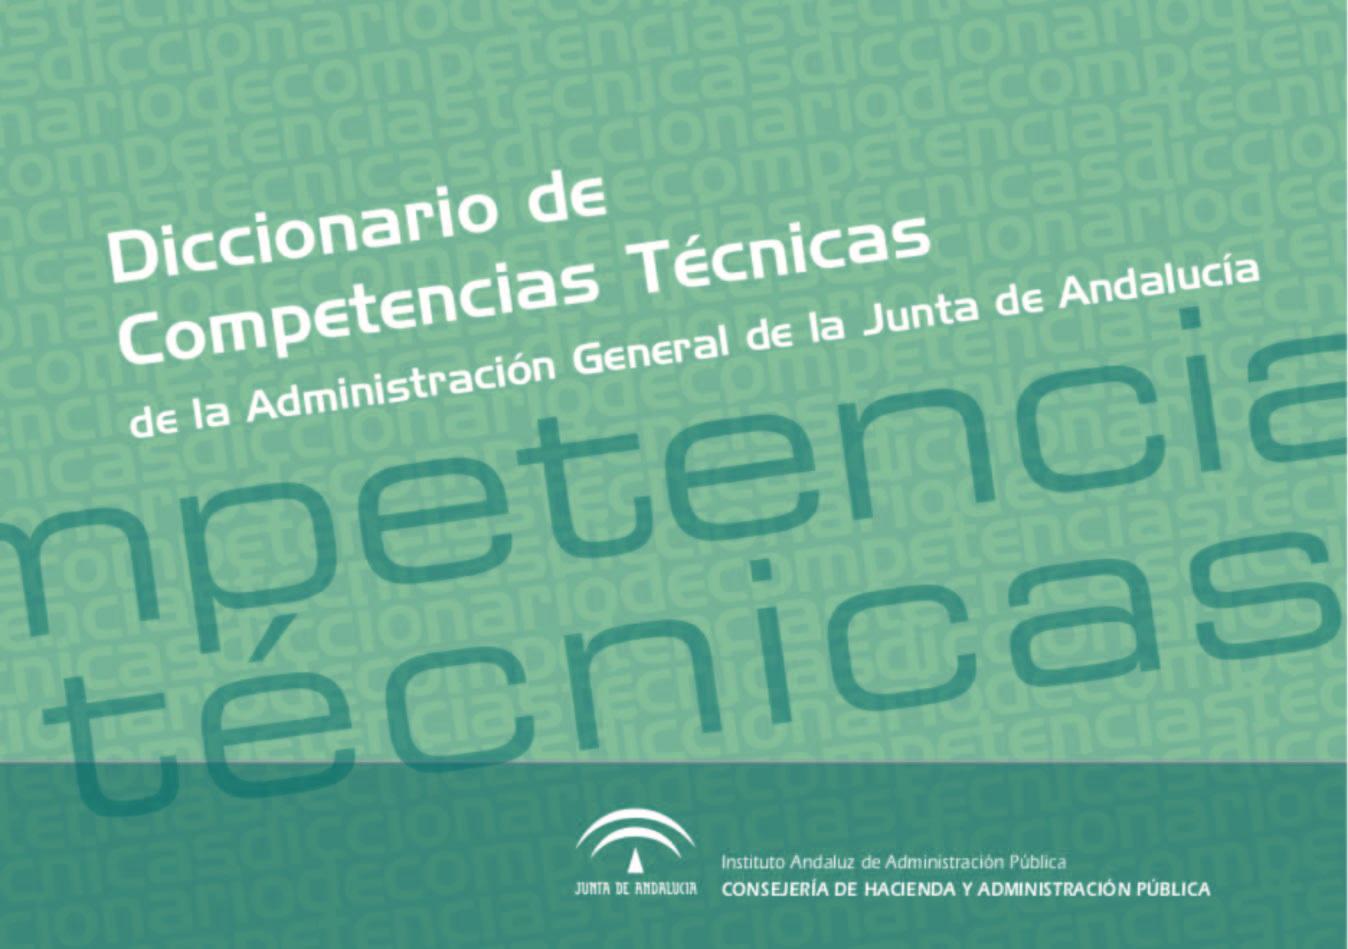 DICCIONARIO DE COMPETENCIAS T�CNICAS DE LA ADMINISTRACI�N GENERAL DE LA JUNTA DE ANDALUC�A